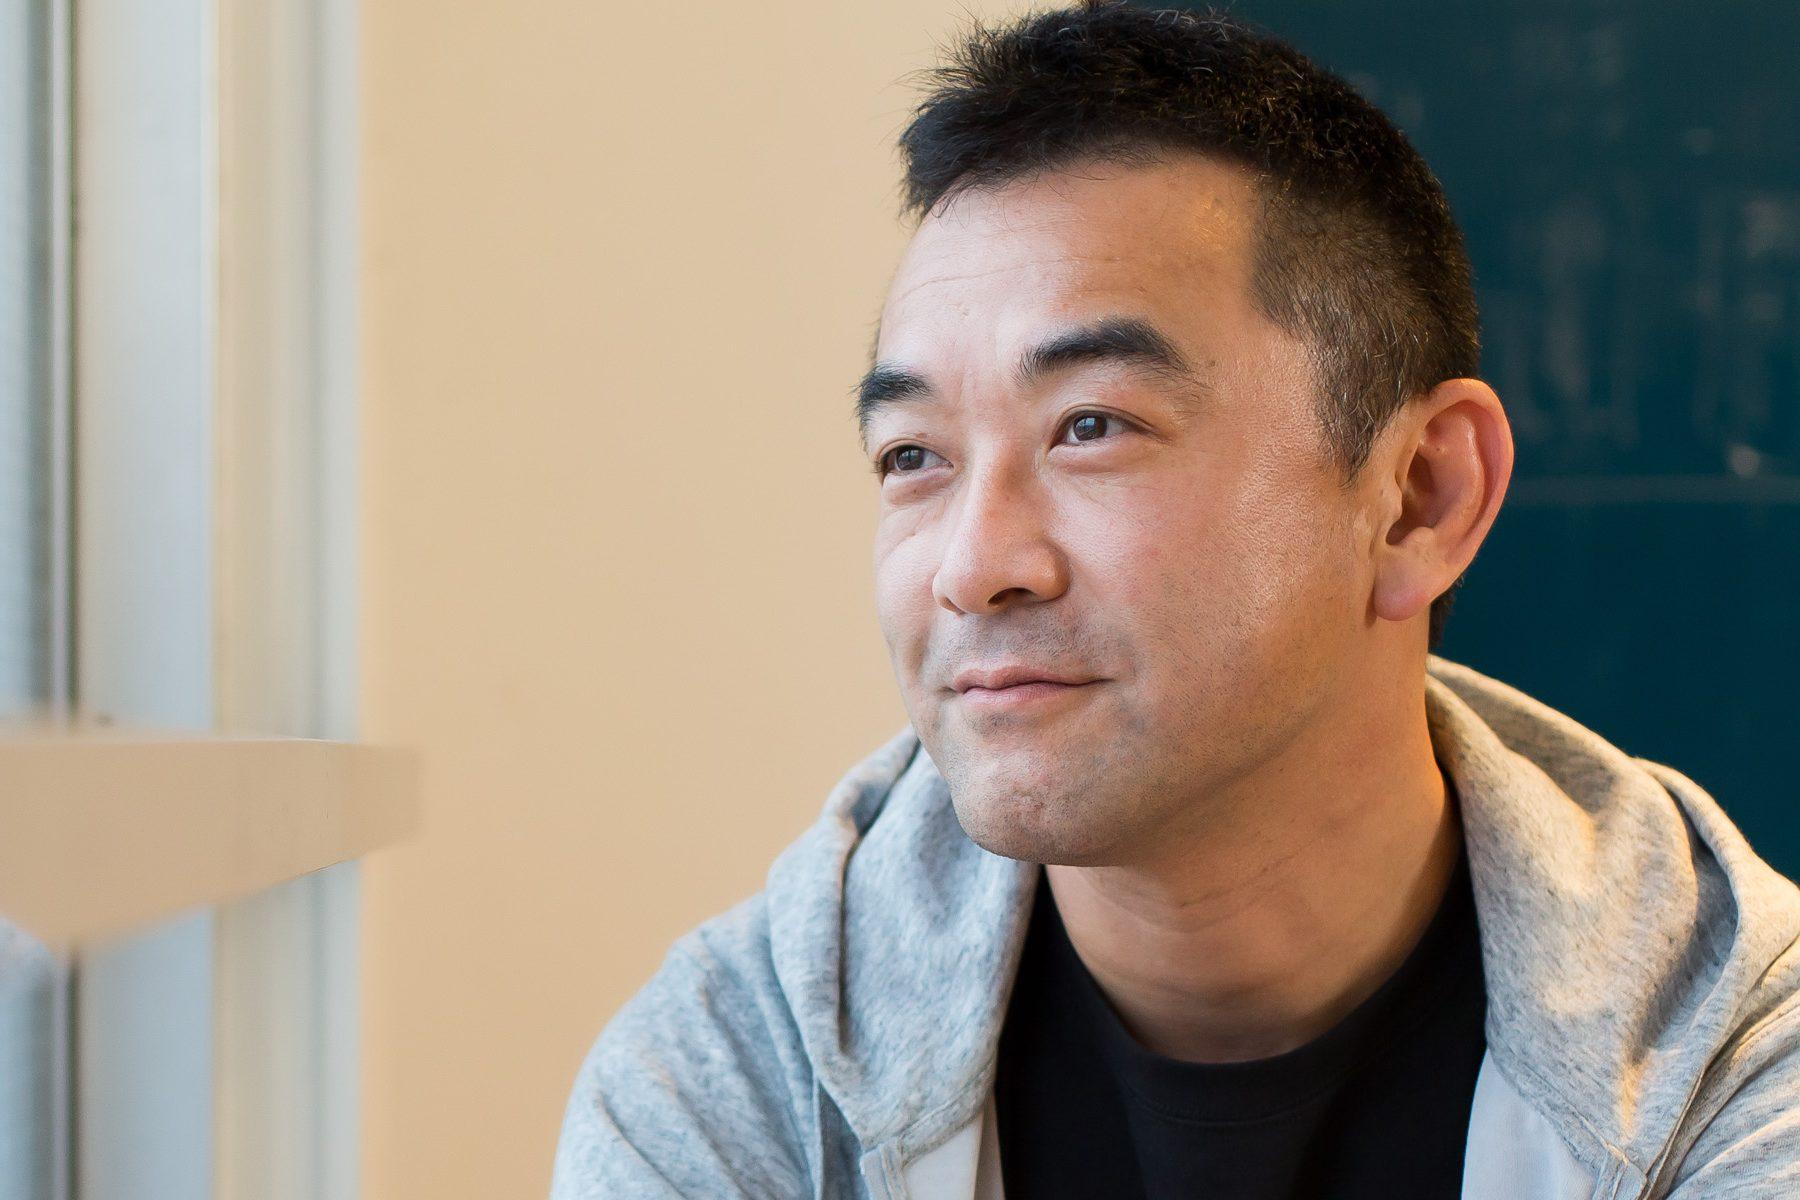 モデル・雅子さんに先立たれた夫・大岡大介さんが再確認した妻への気持ち。(インタビュー/後編)